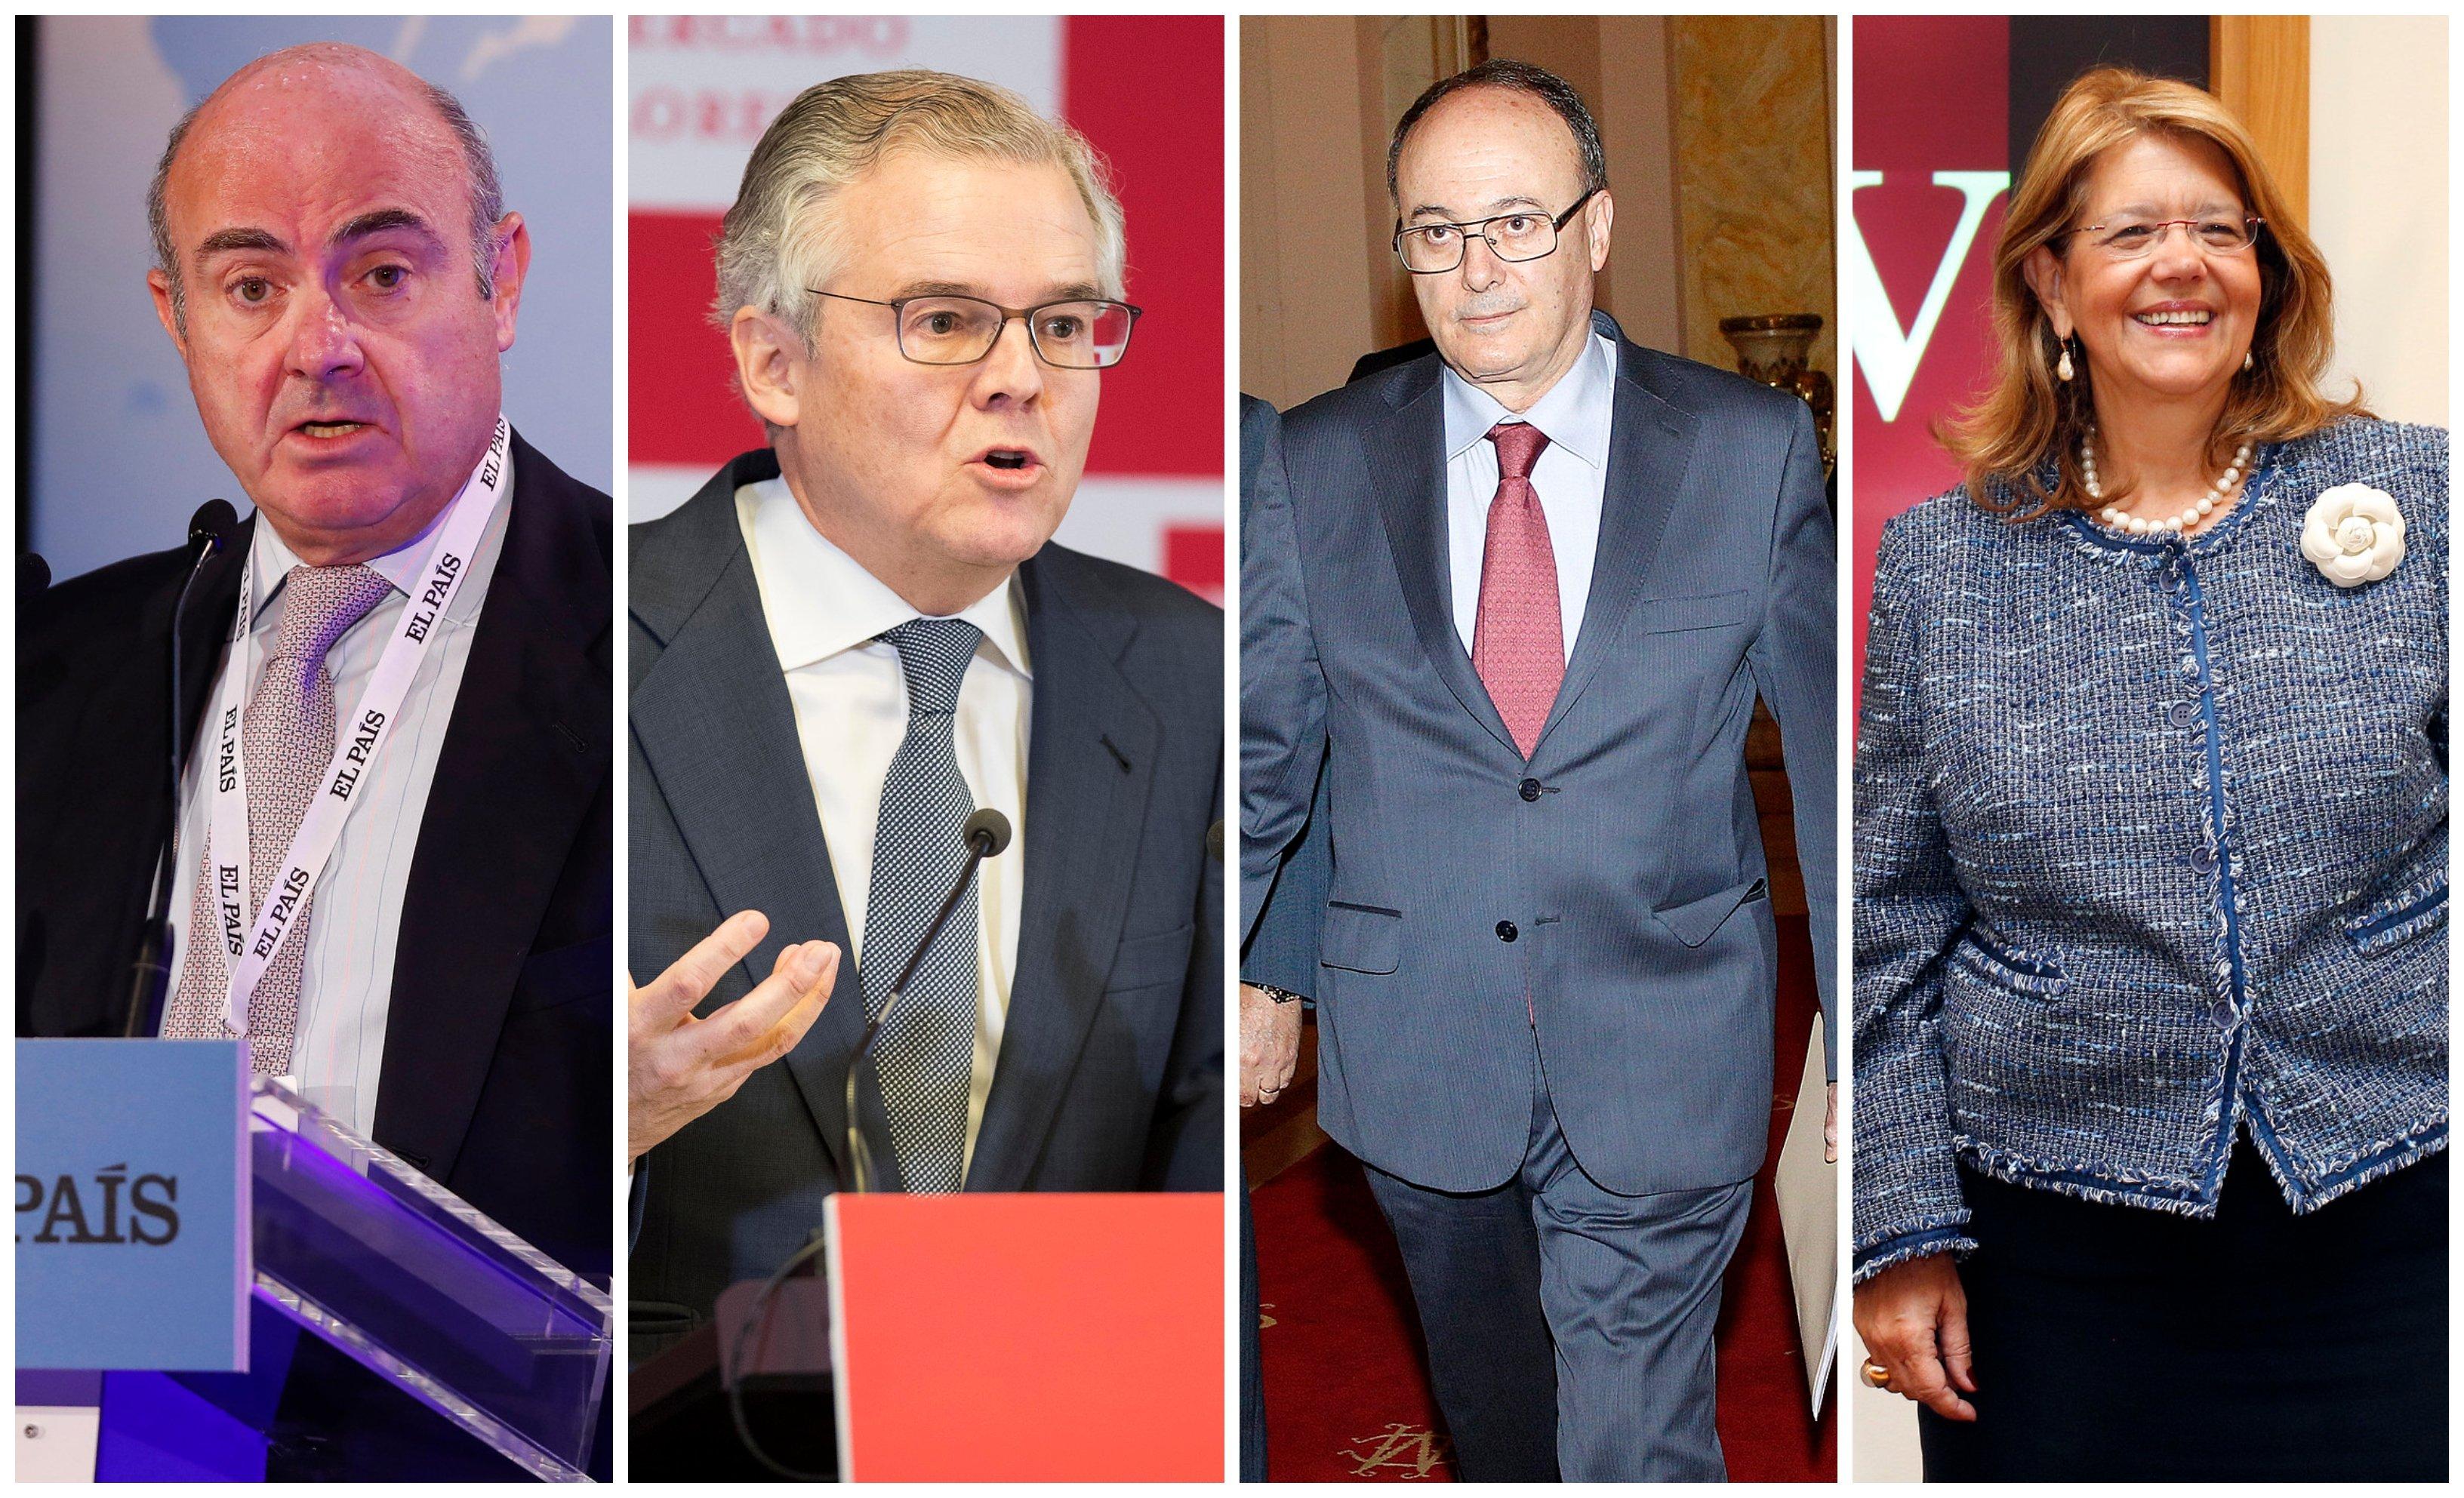 Popular. Giro copernicano del juez Calama: llama a Guindos, Albella, Linde y Elvira